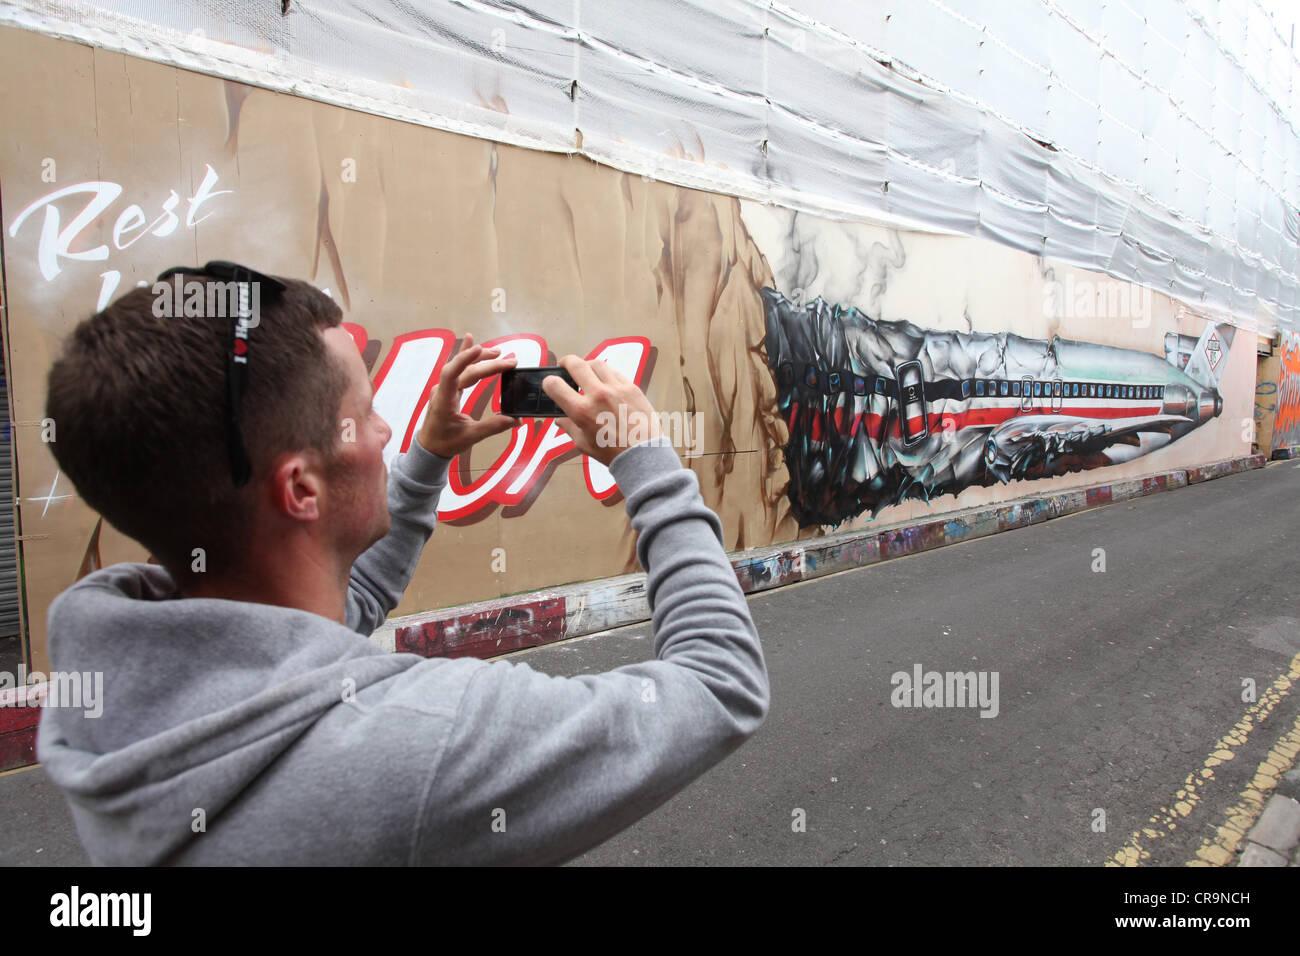 Graffiti homenaje a Beastie Boy Adam Yauch, conocido como MCA de 47 años de edad fallecido el 4 de mayo de 2012. Foto de stock